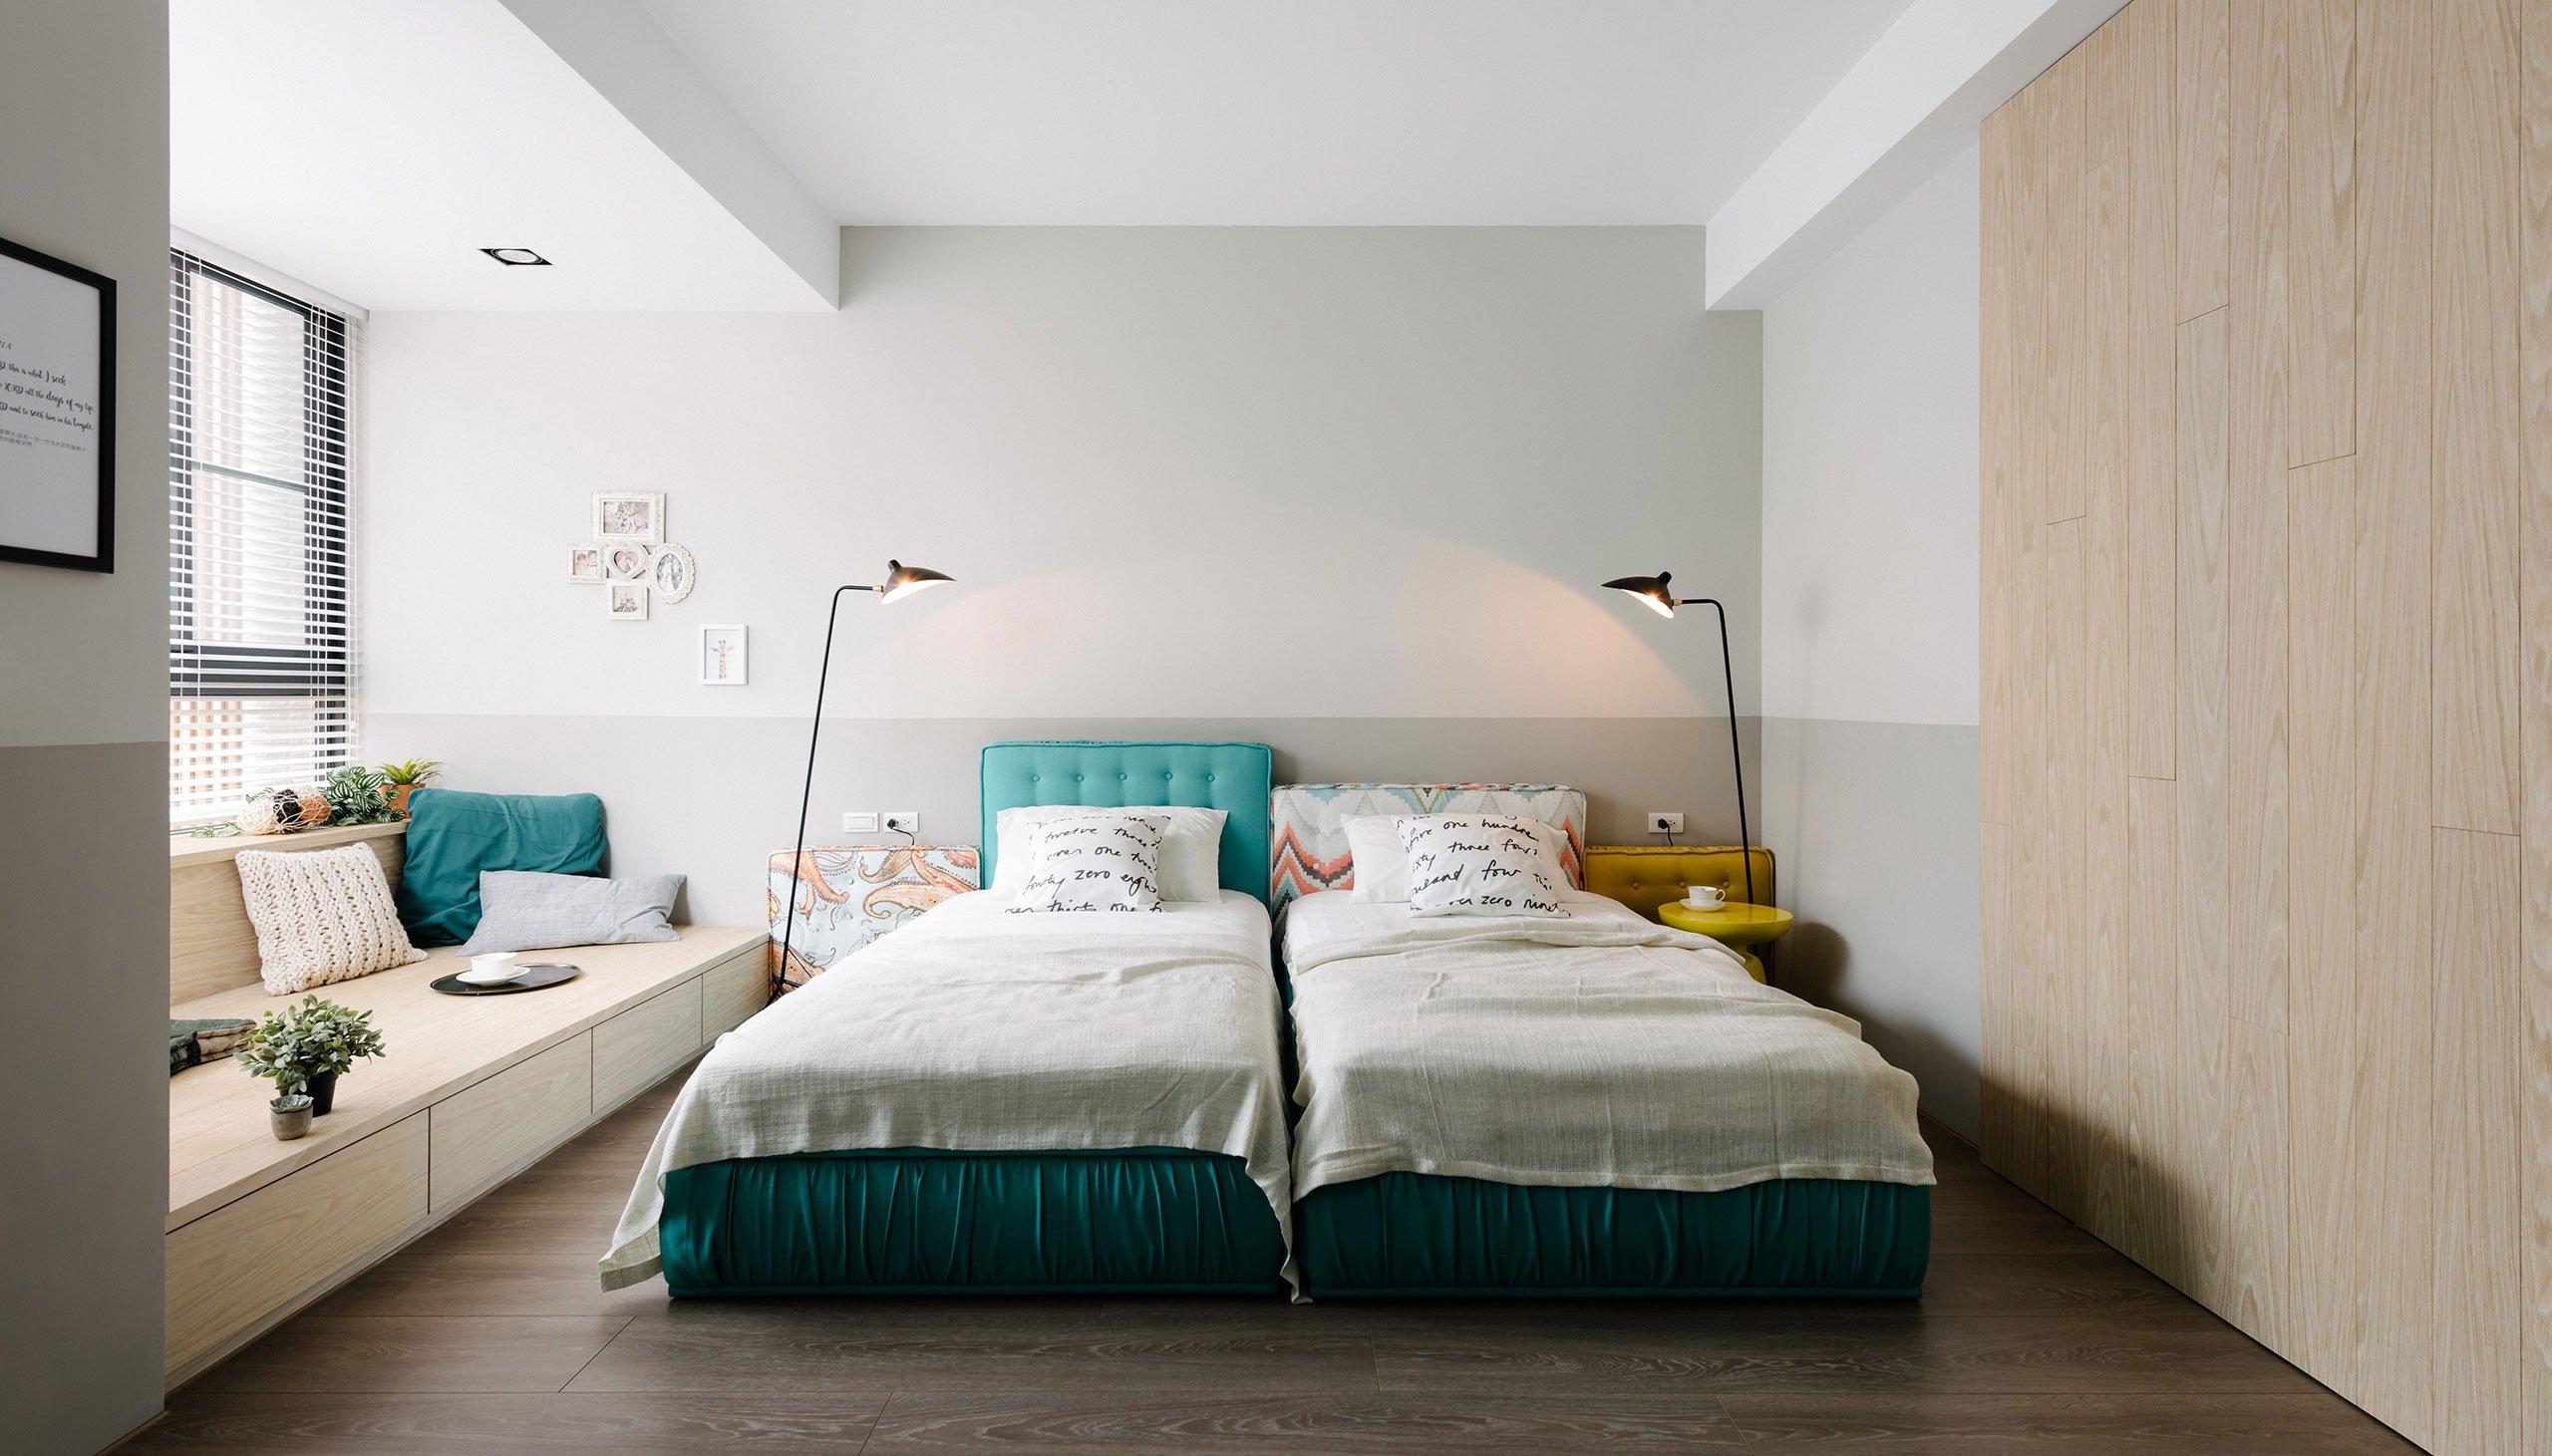 Slaapkamer ontwerp met loungehoek en werkplek slaapkamer idee n - Ontwerp van slaapkamers ...